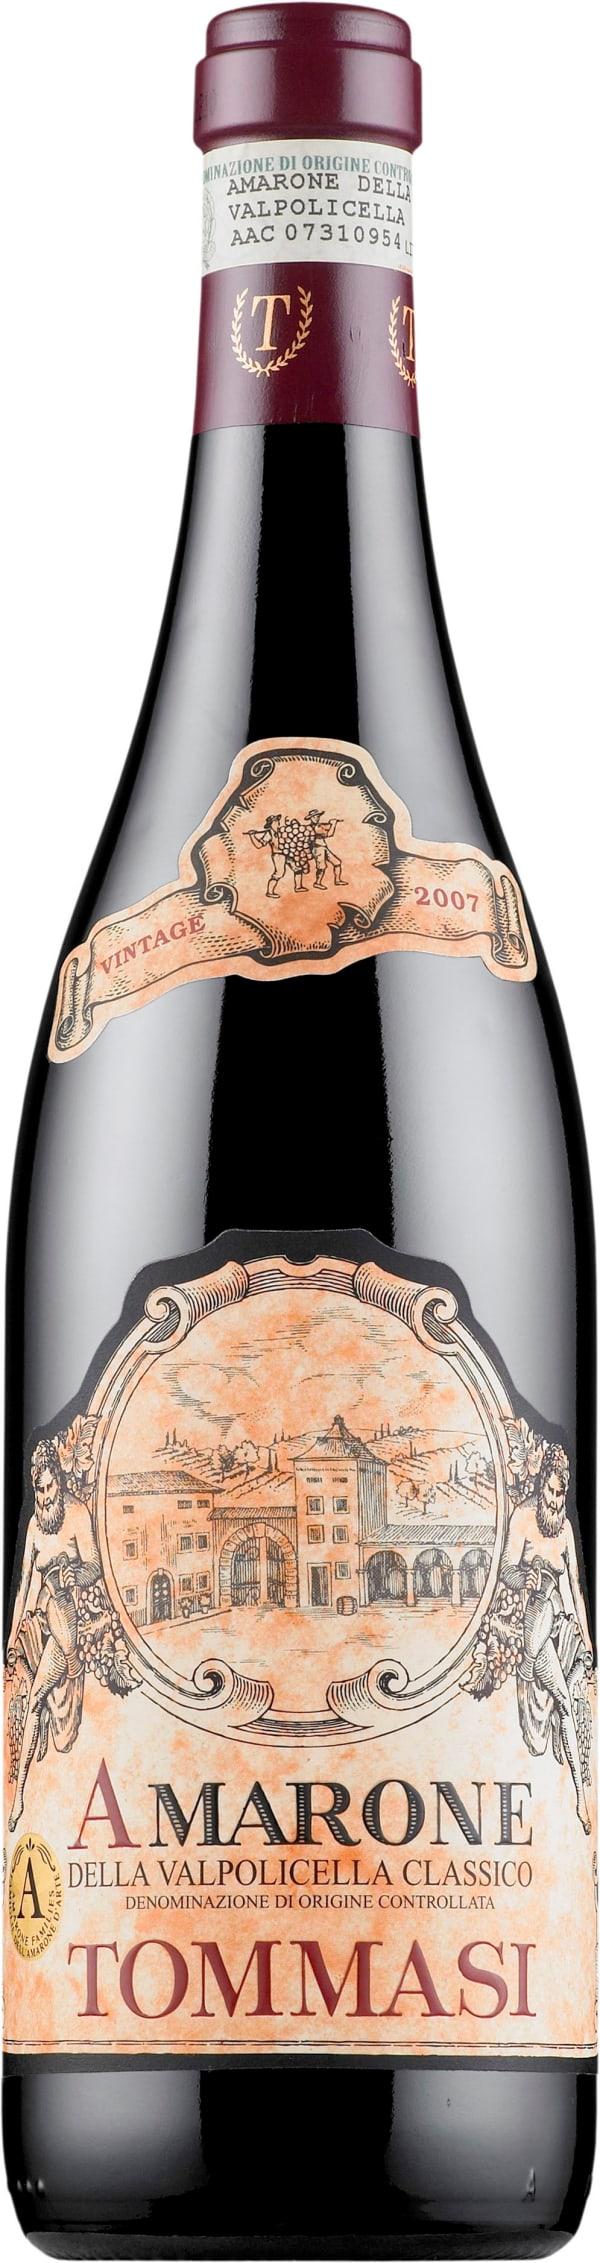 Tommasi Amarone della Valpolicella Classico 2015